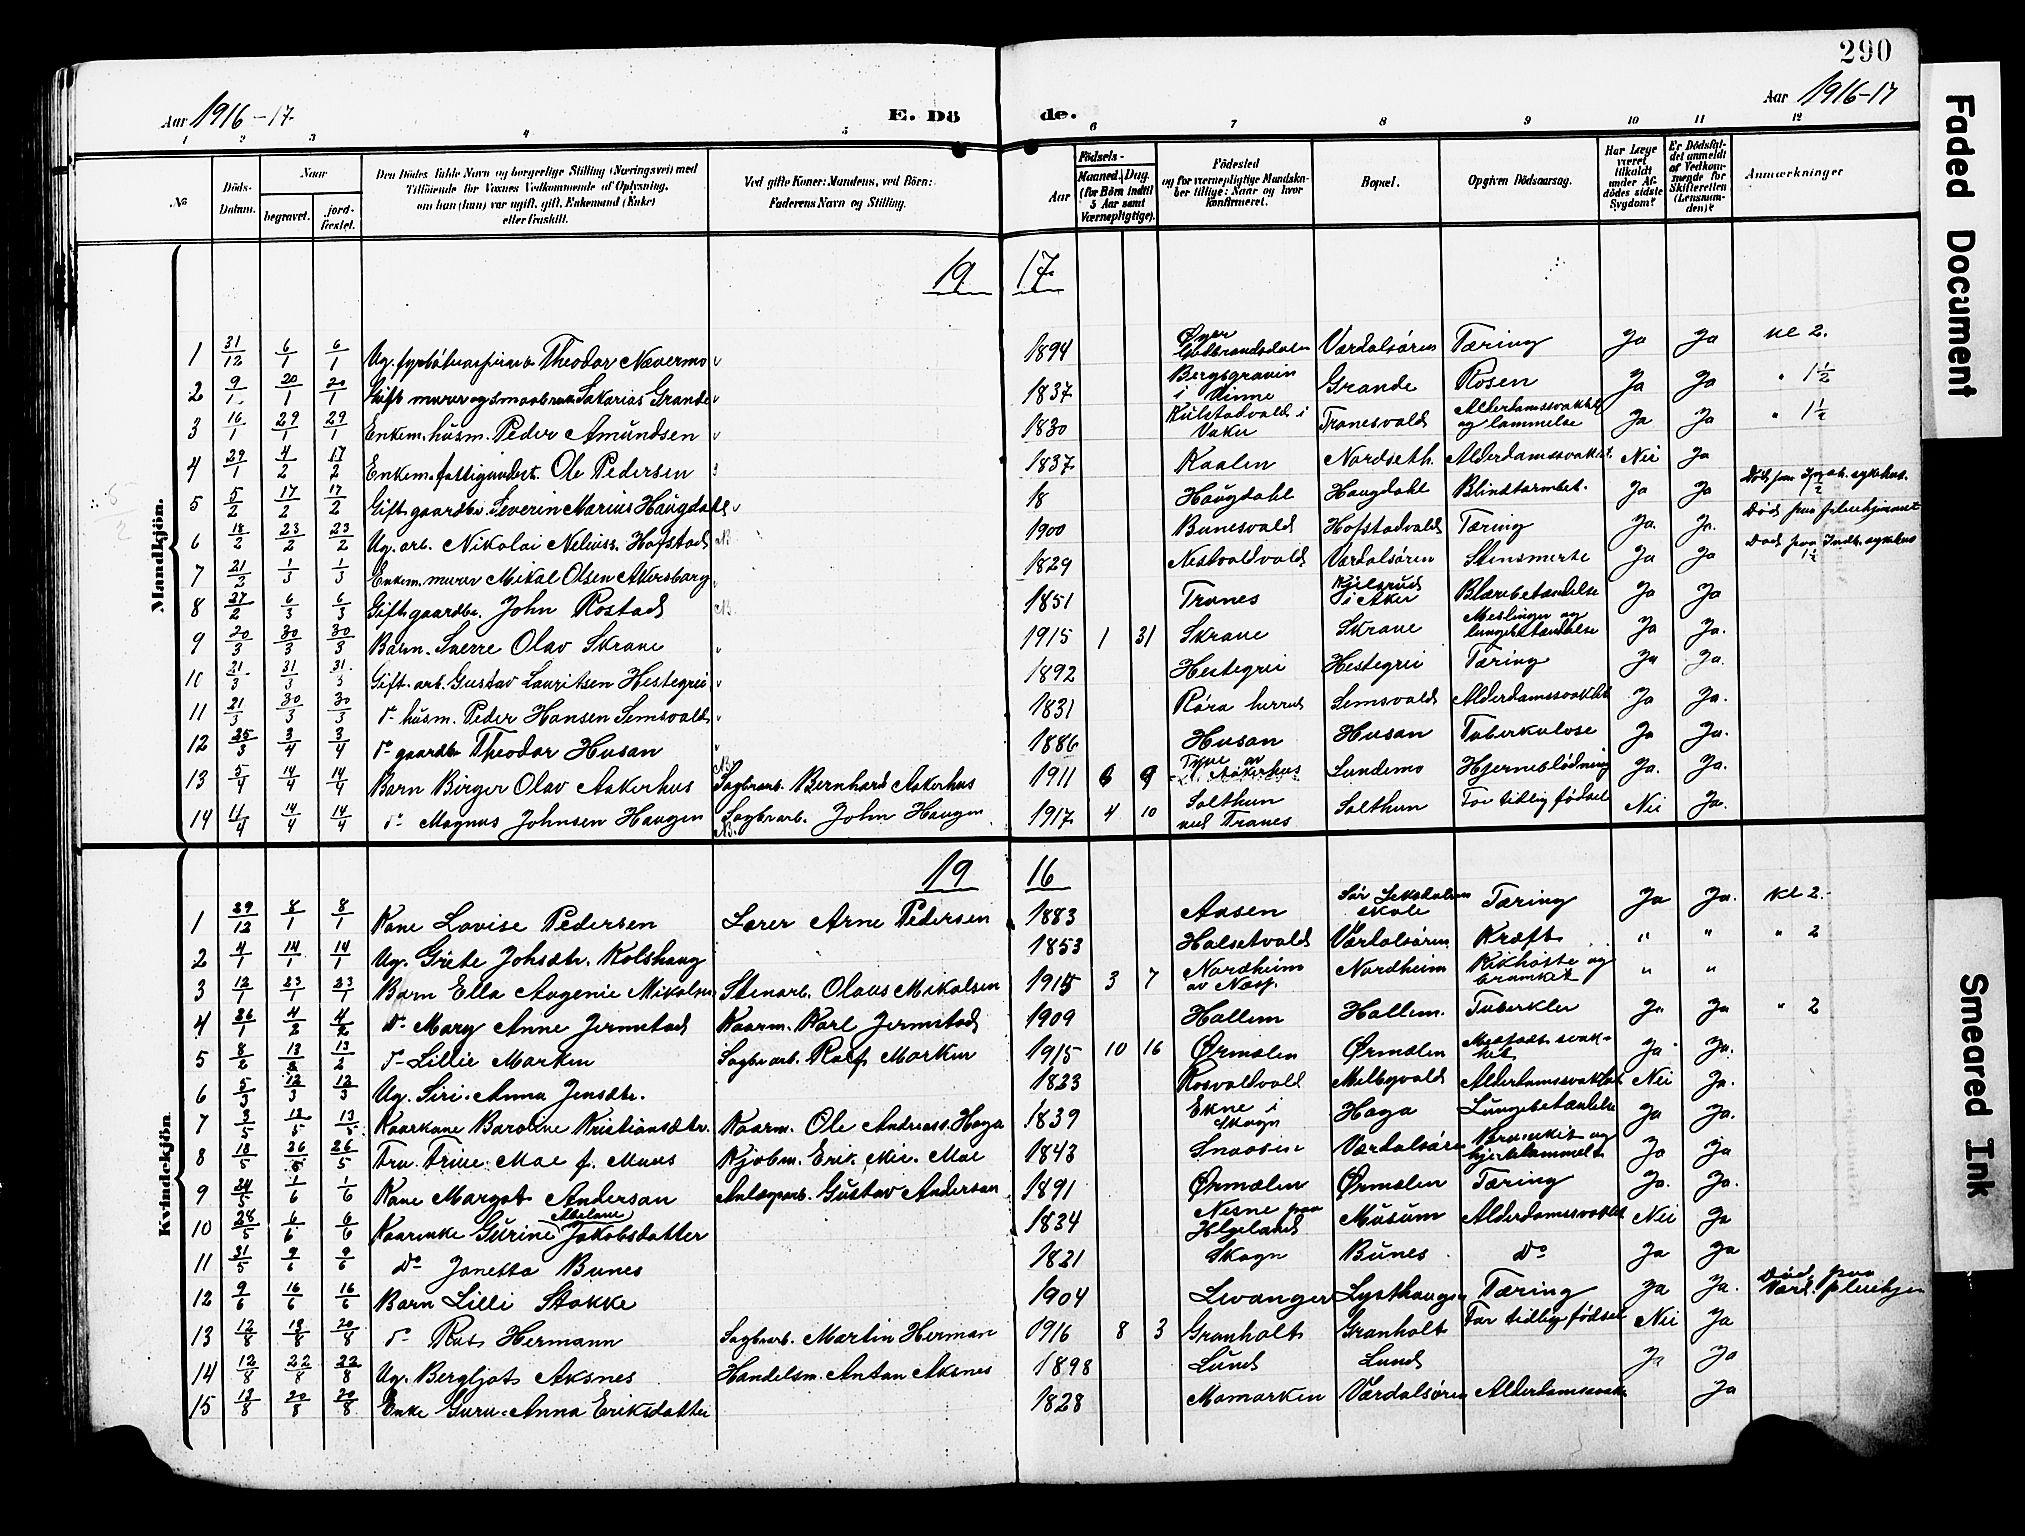 SAT, Ministerialprotokoller, klokkerbøker og fødselsregistre - Nord-Trøndelag, 723/L0258: Klokkerbok nr. 723C06, 1908-1927, s. 290